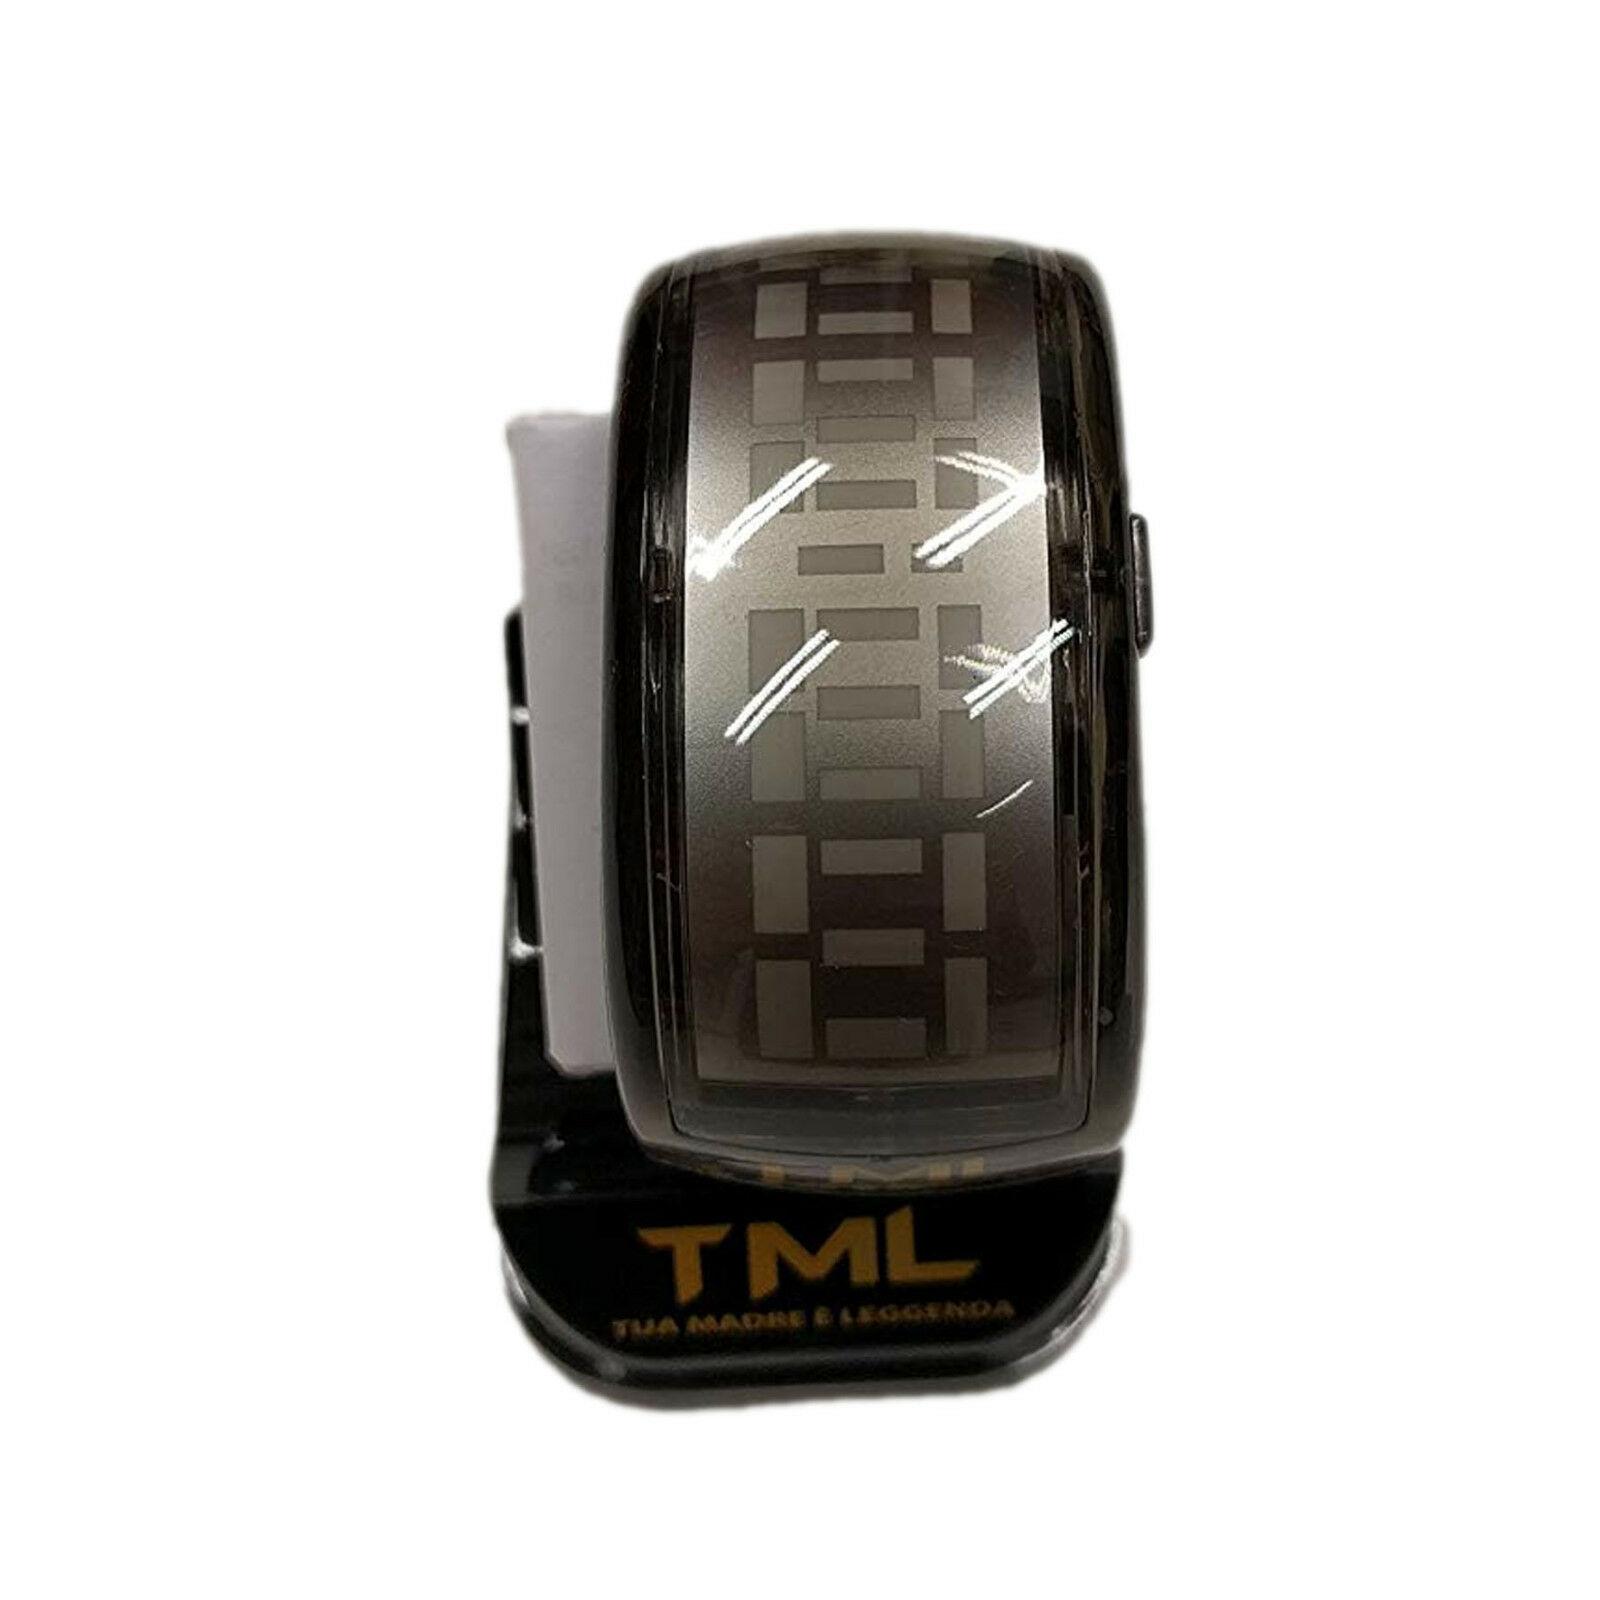 Tml - tua Madre E' Leggenda -orologio Digitale con Pack bellissima idea regalo